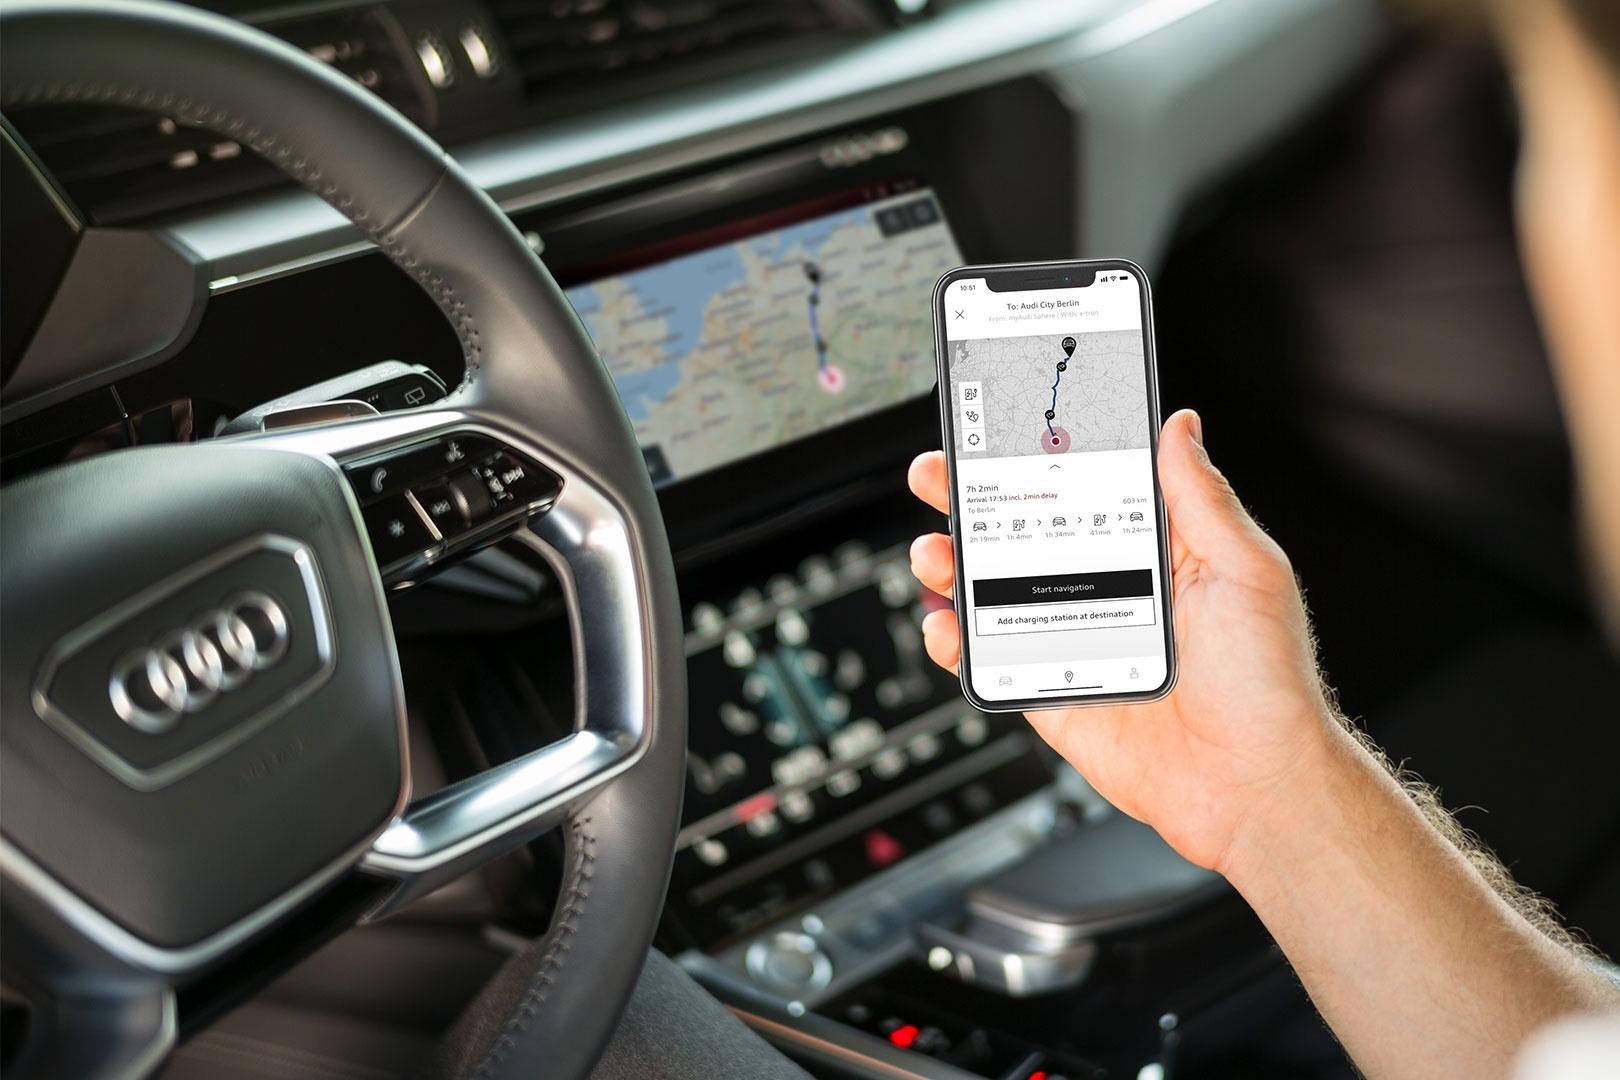 : Il sistema Infotainment dell'Audi e-tron capisce tutto, tranne il dialetto grigionese. (Foto: Audi)